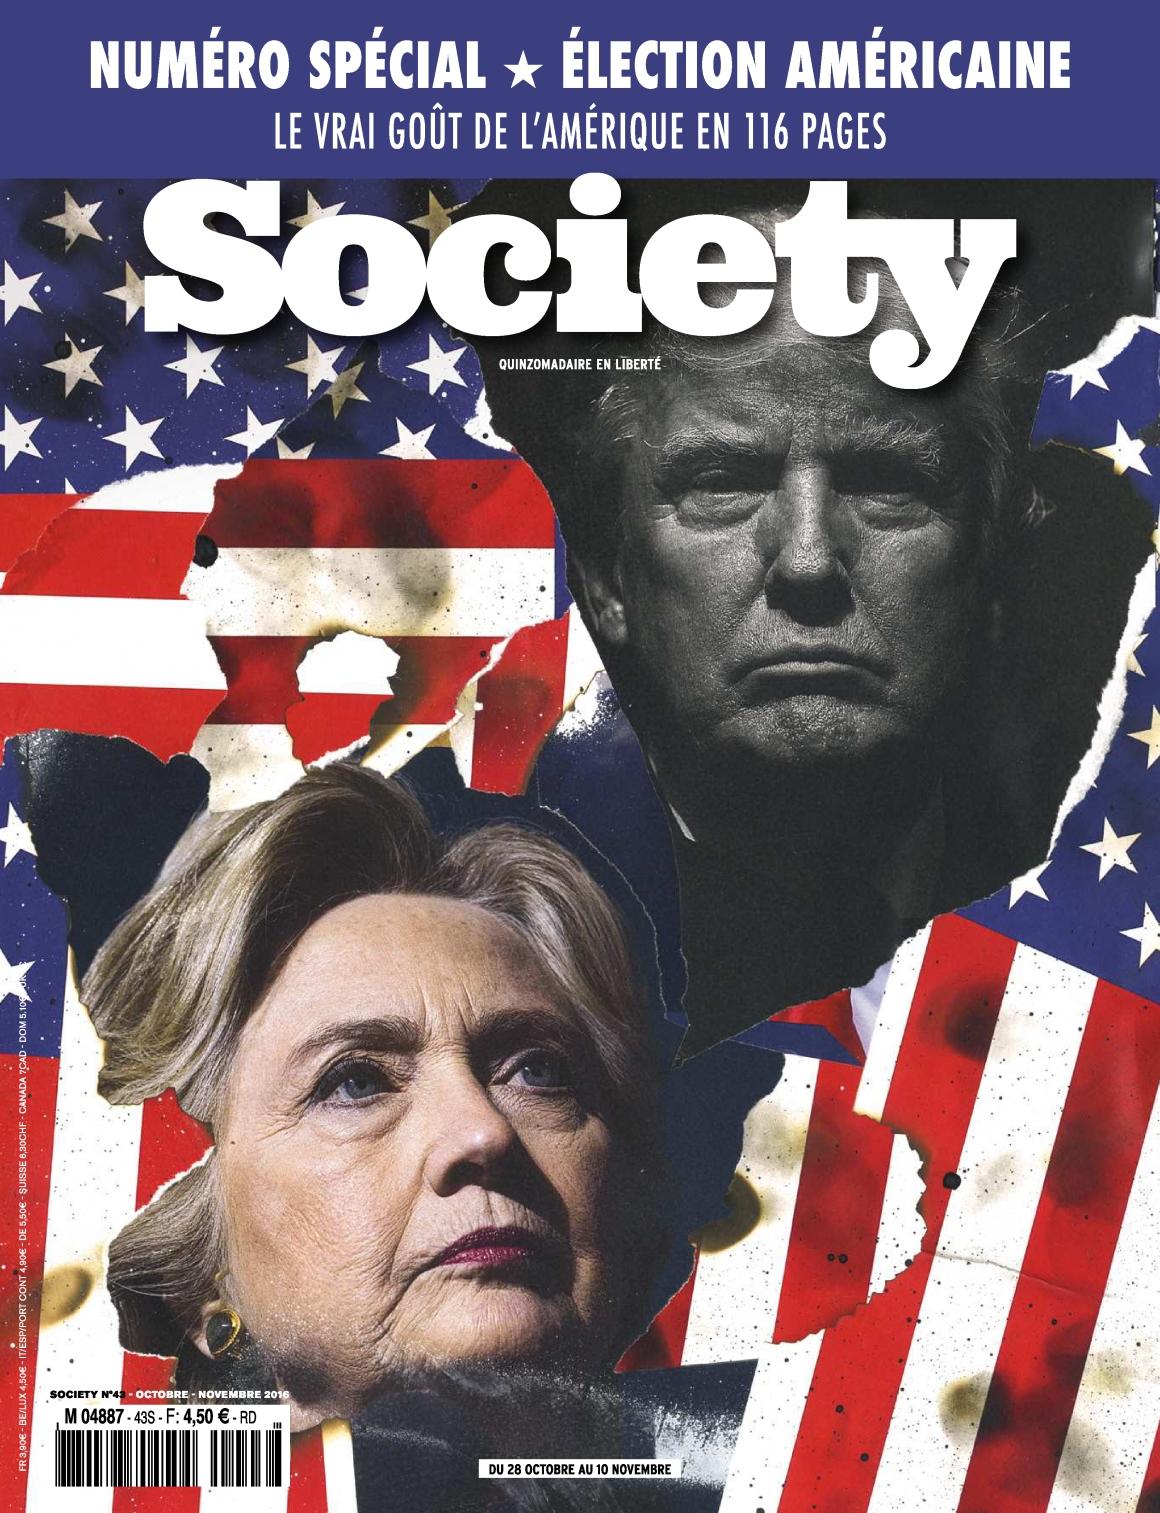 Society 43 - 28 Octobre au 10 Novembre 2016